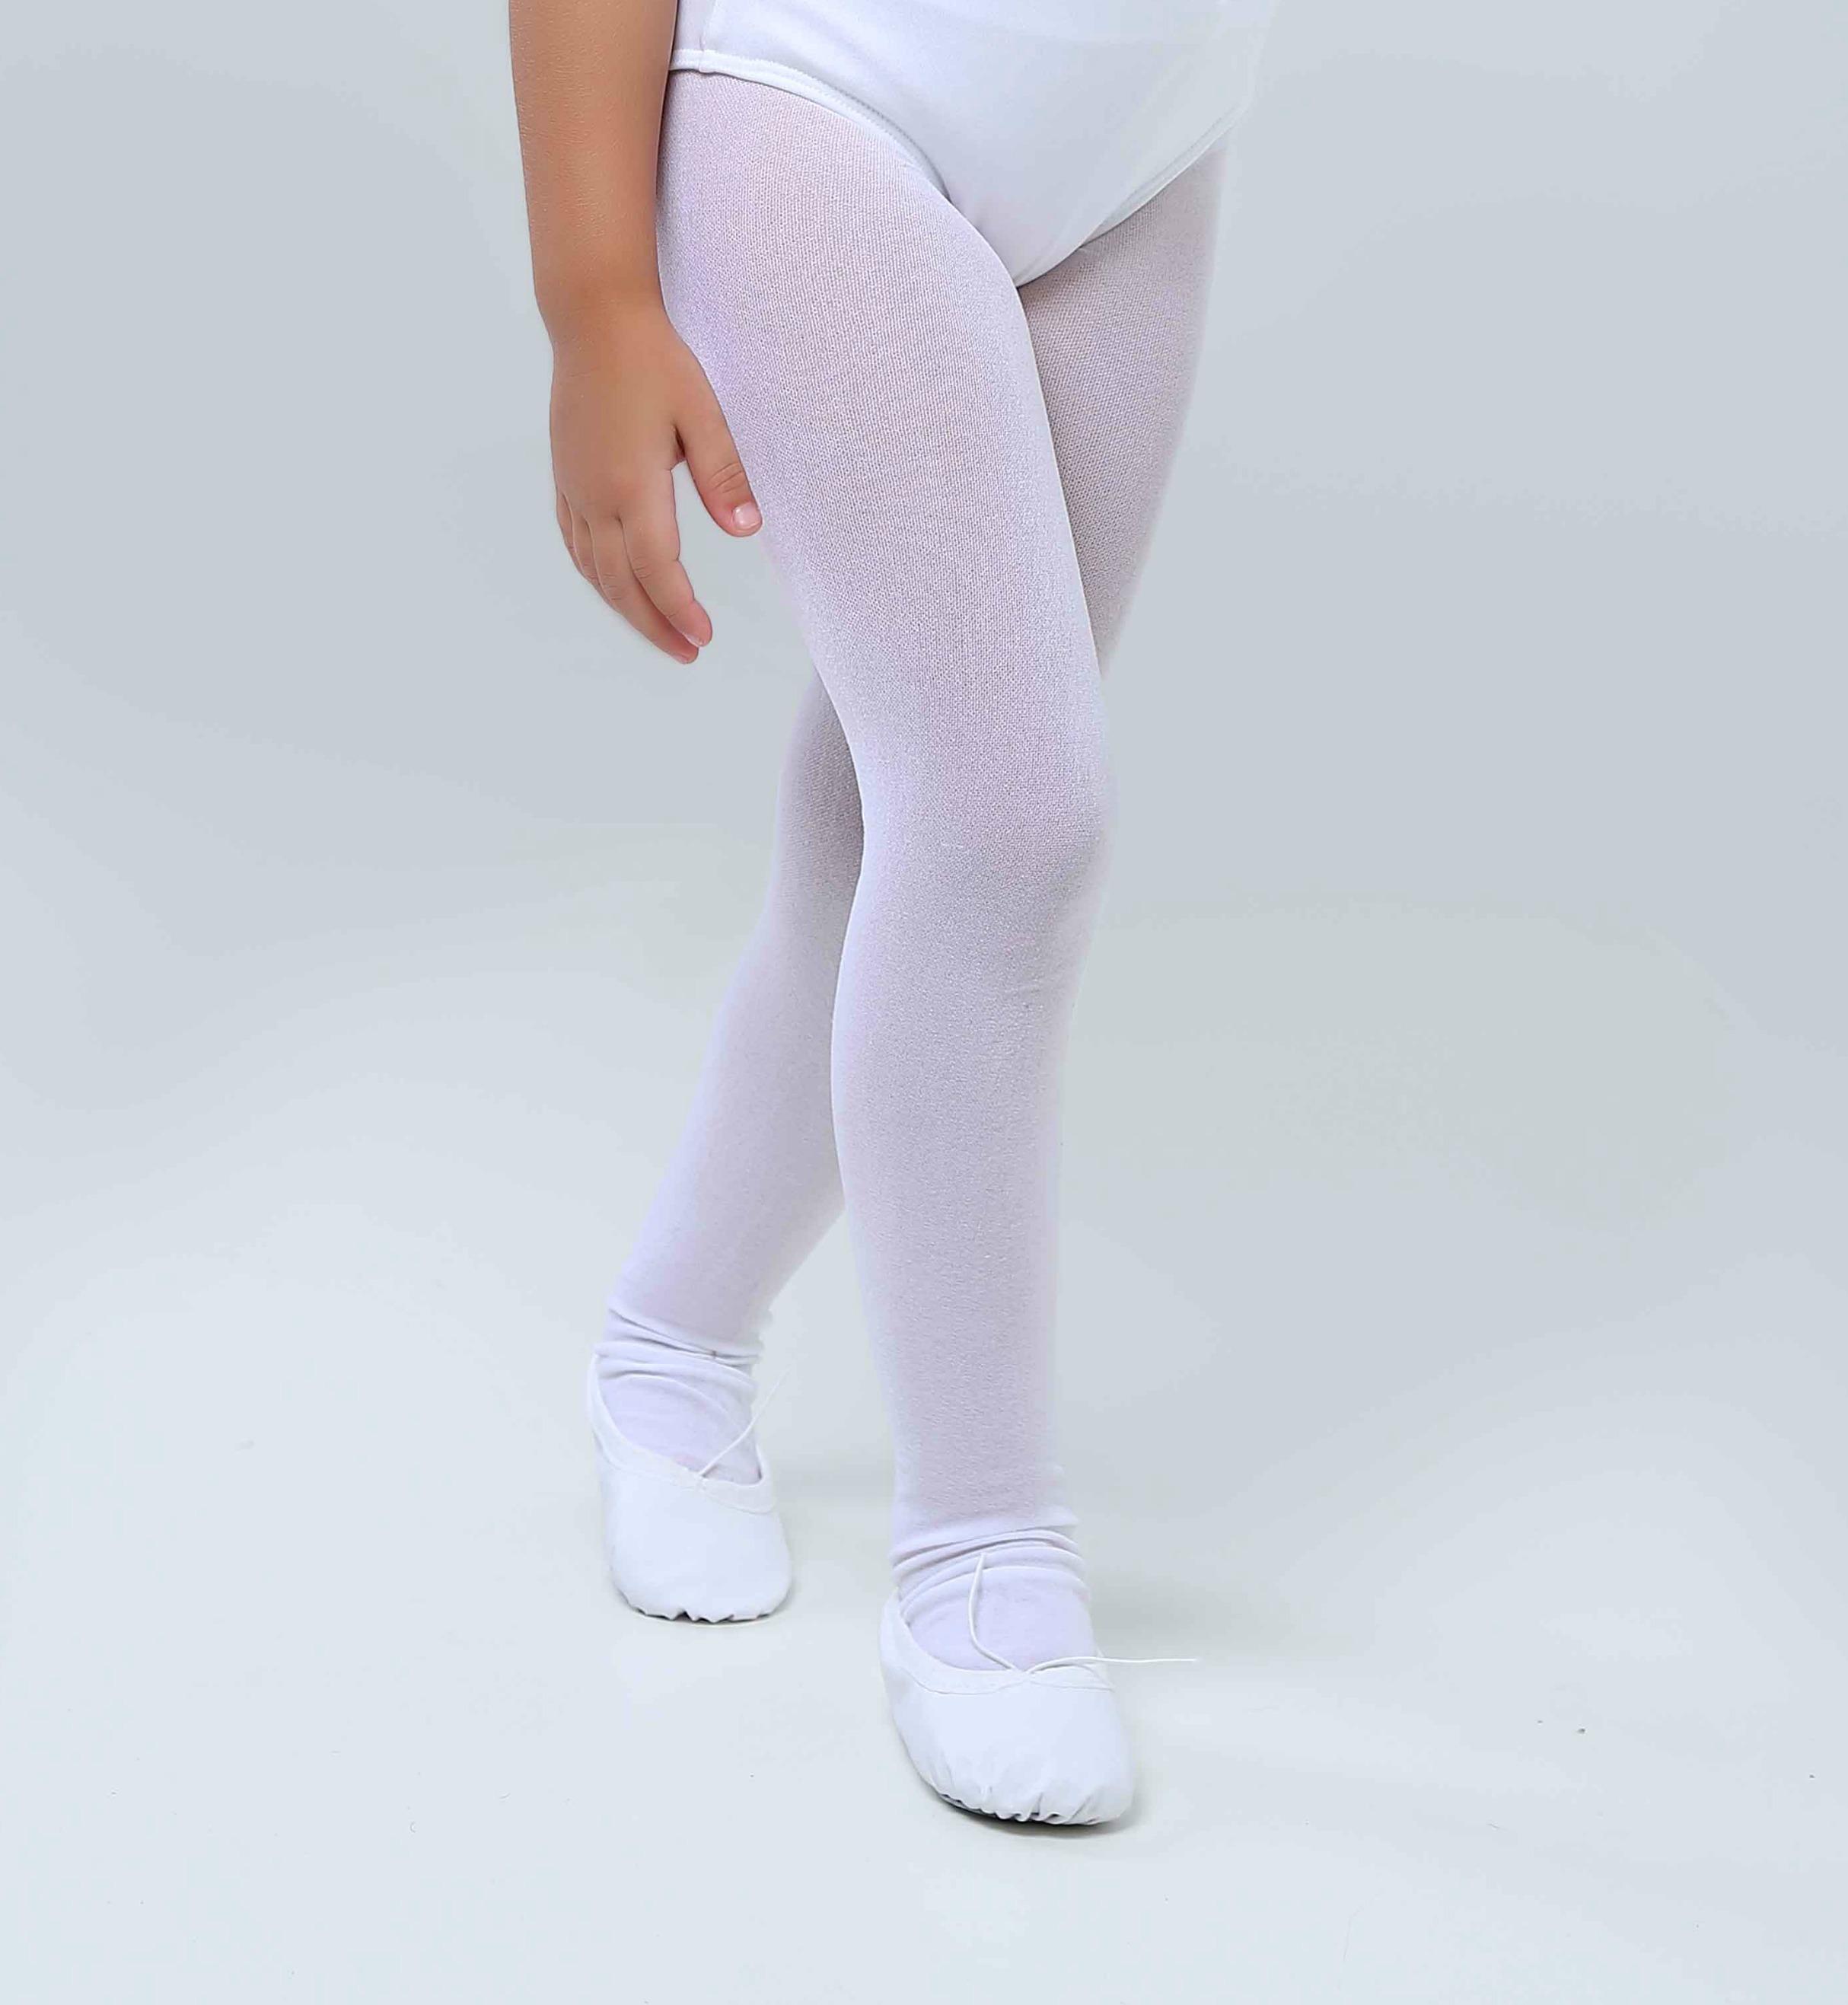 4c7c2d6b6 Meia Calca Suplex Ballet